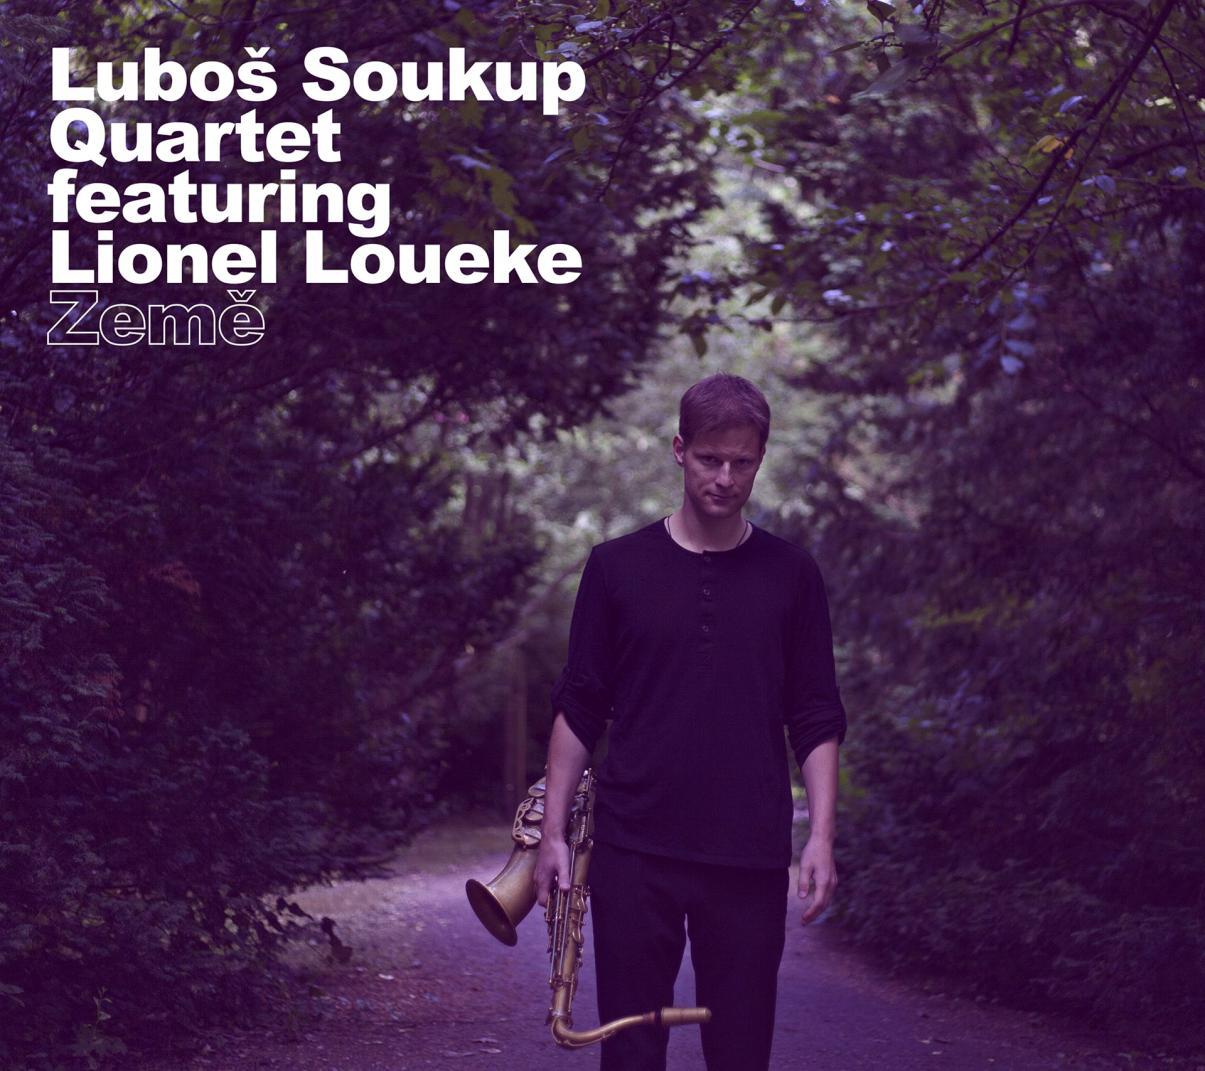 Lubos Soukup Quartet featuring Lionel Loueke: Zeme 【予約受付中】